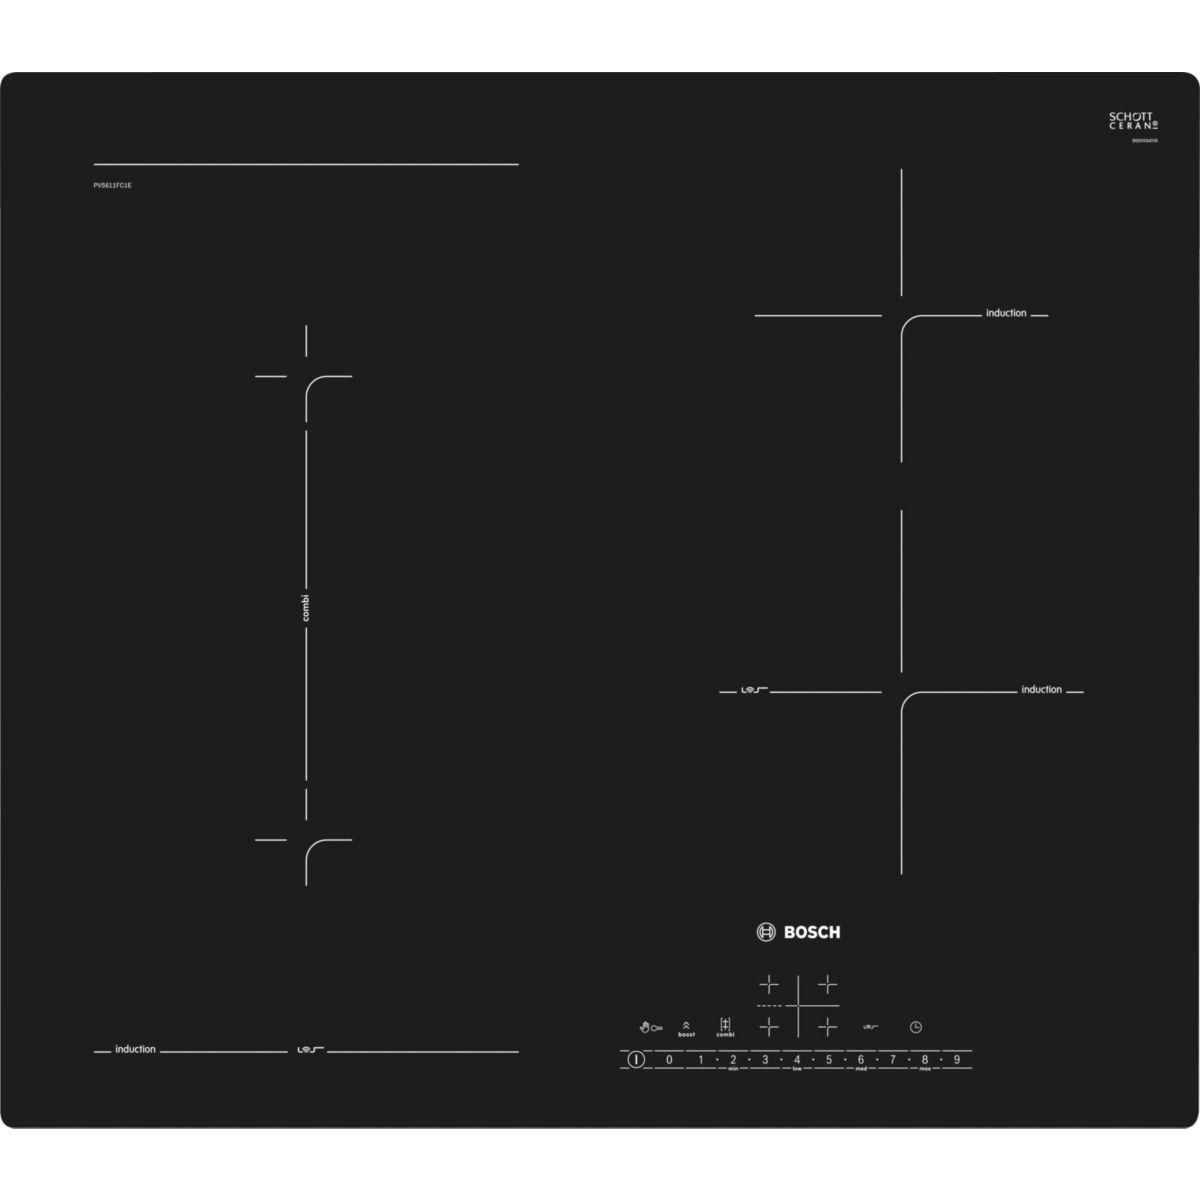 Table induction bosch pvs611fc1e - livraison offerte : code pr...